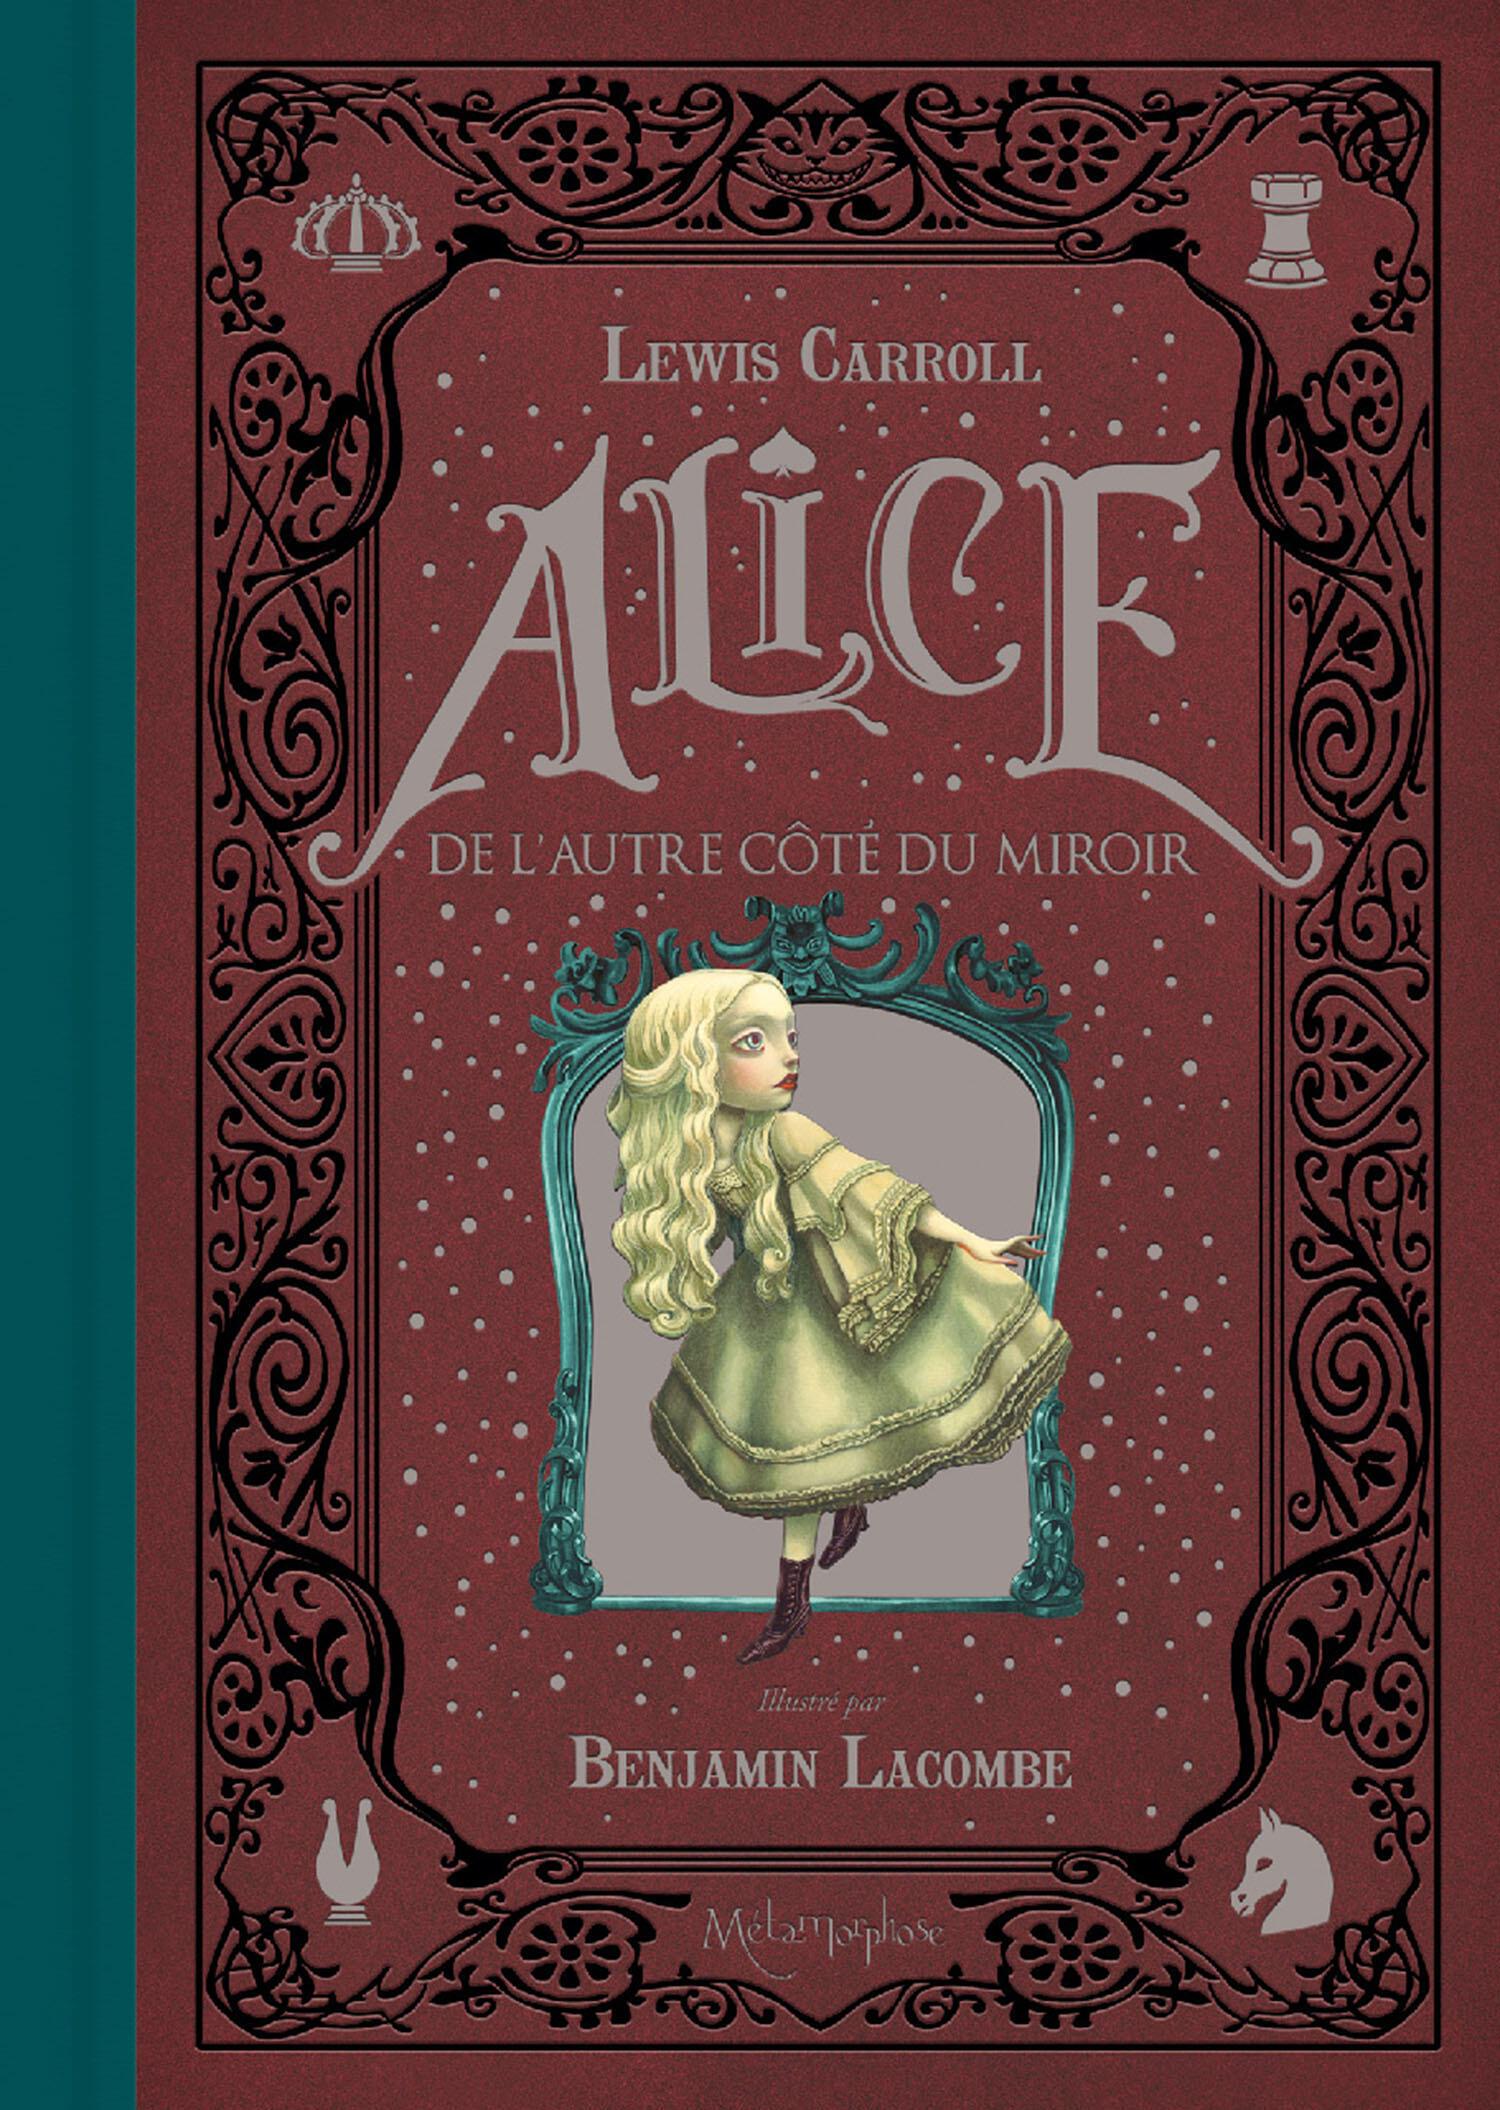 La couverture du livre illustré par Benjamin Laccombe «Alice, de l'autre côté du miroir».